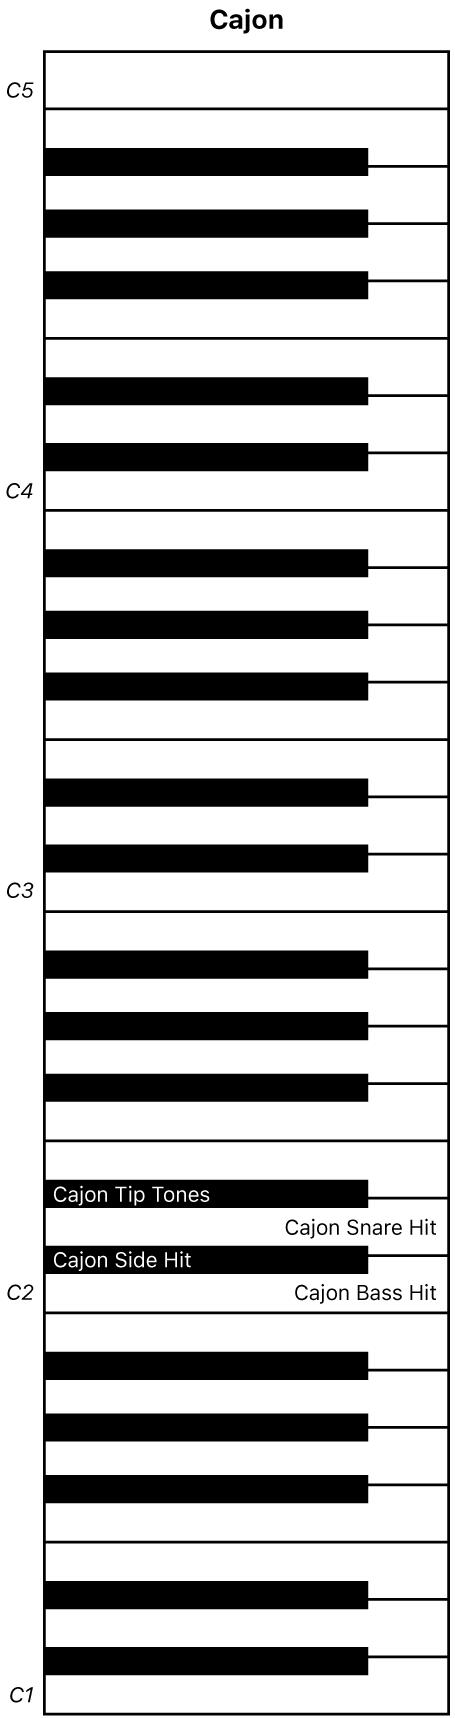 Abbildung. Keyboard-Zuweisung für Cajon-Performance